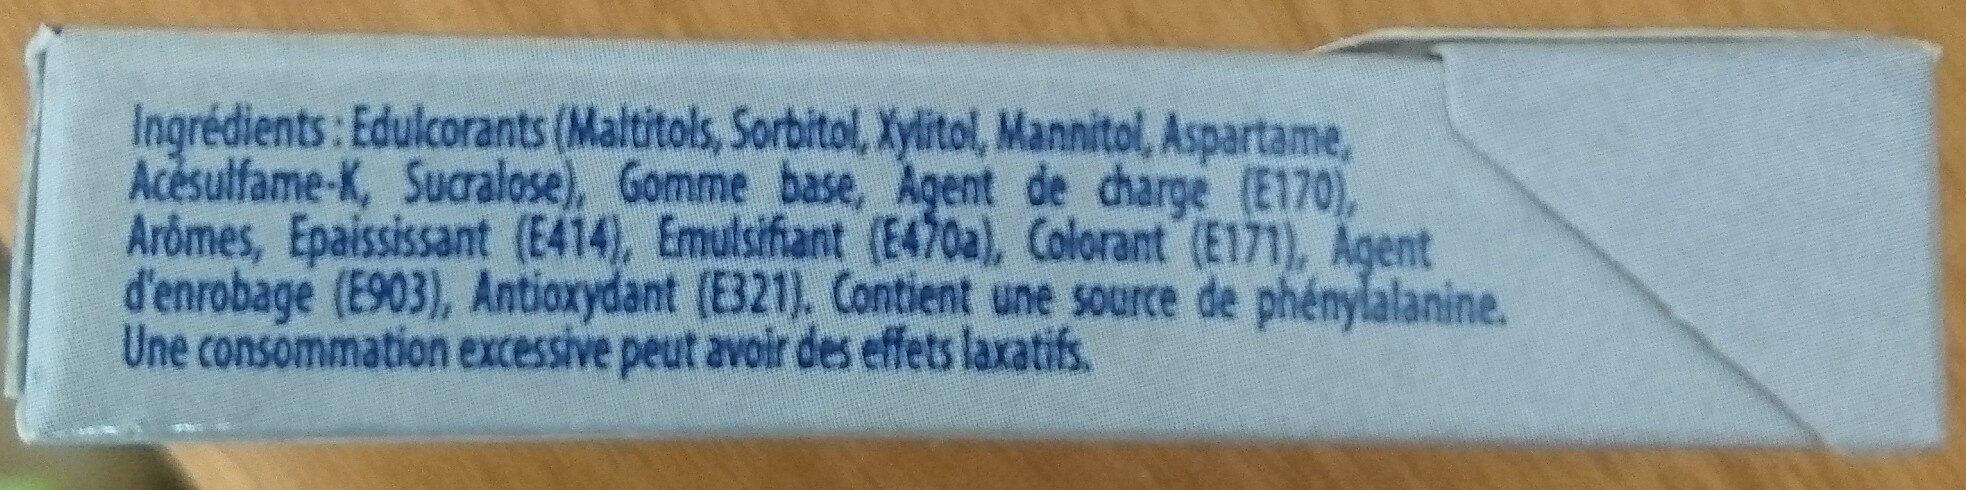 Hollywood Blancheur parfum menthe polaire s/ sucres - Ingrédients